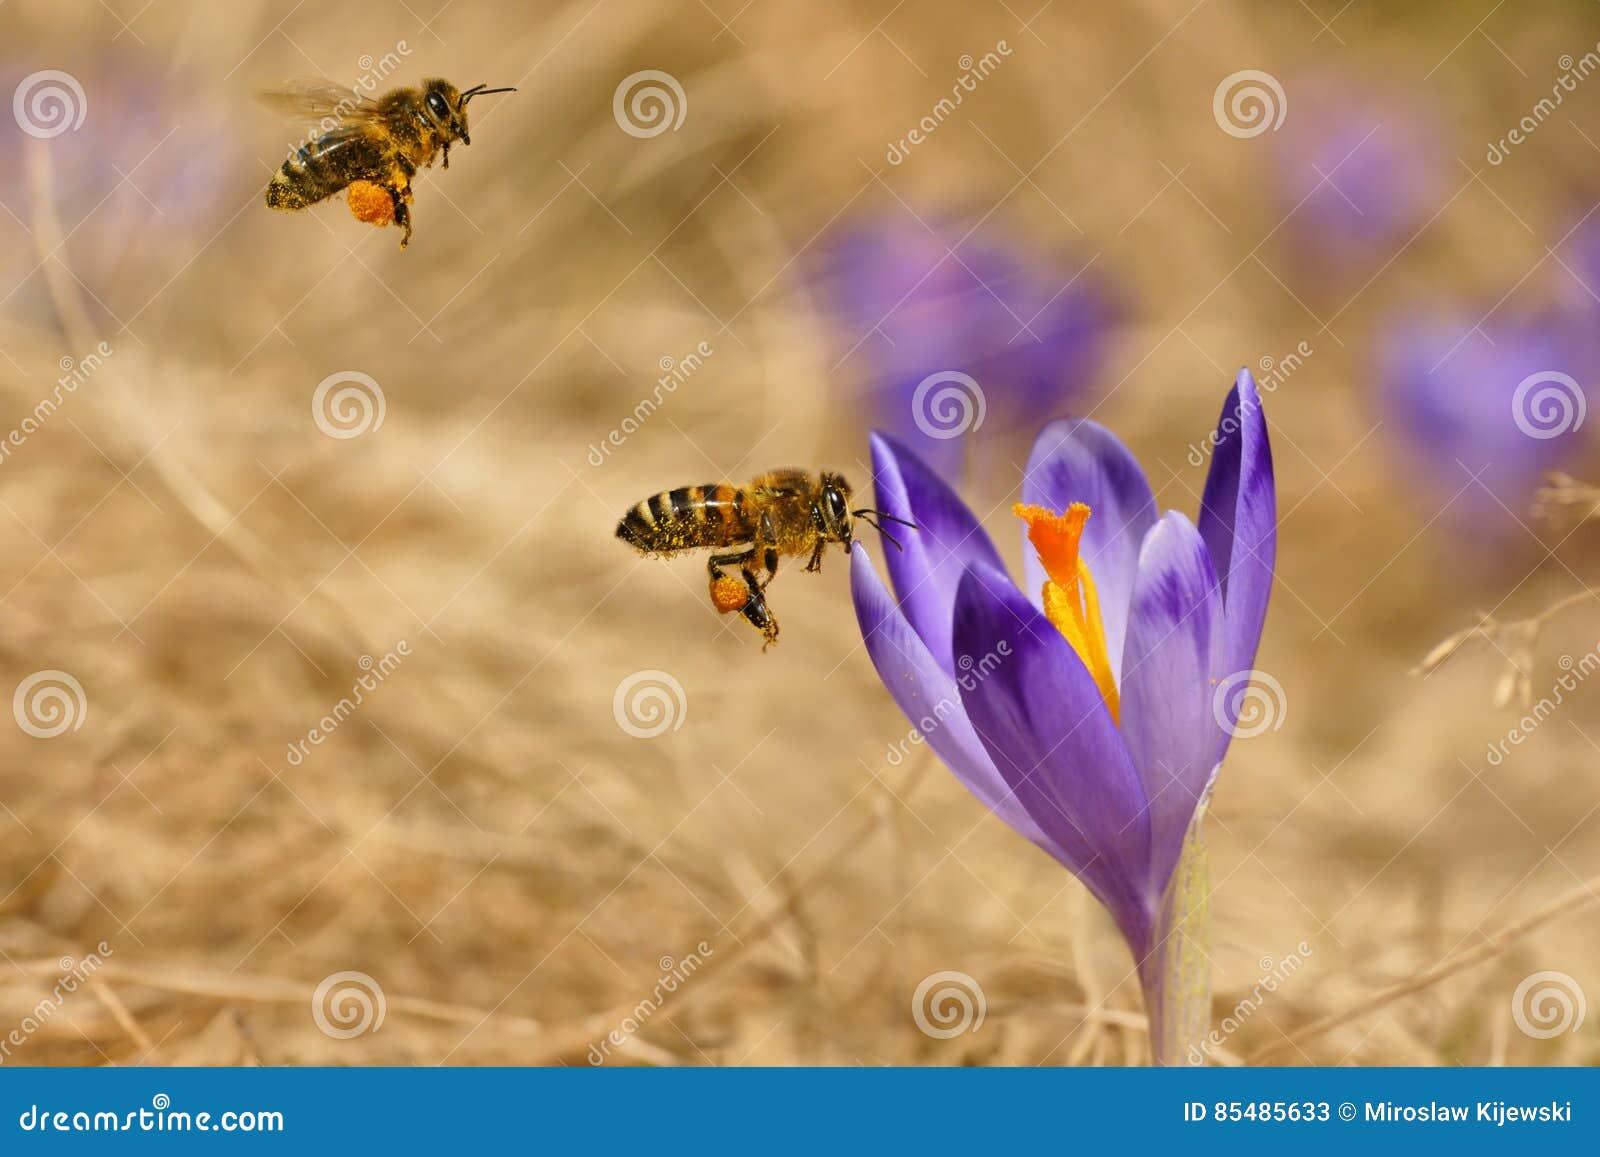 蜜蜂Apis mellifera,飞行在番红花的蜂在春天